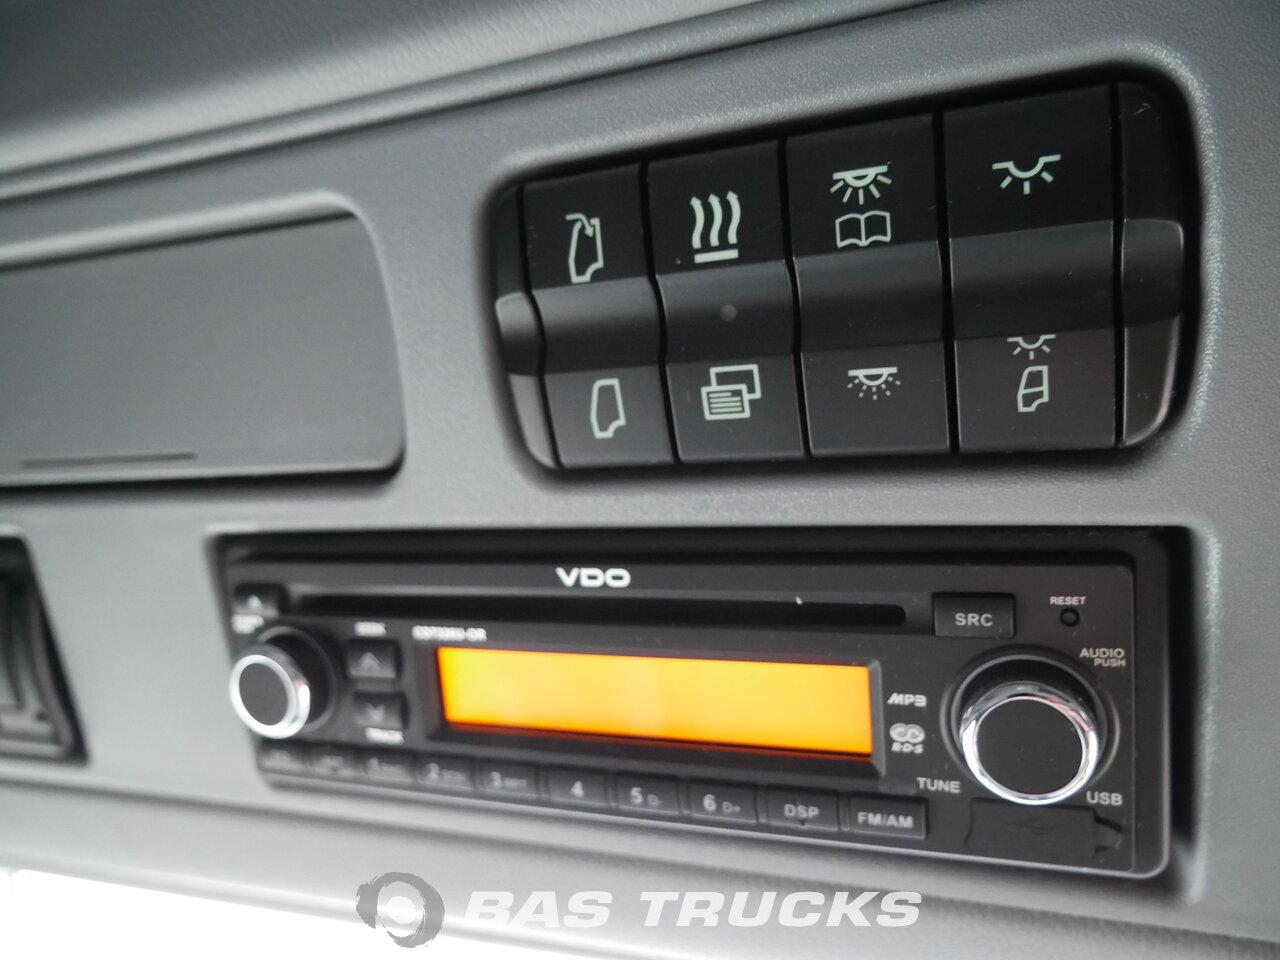 À venda em BAS Trucks: Mercedes Actros 2648 L 6X4 11/2011